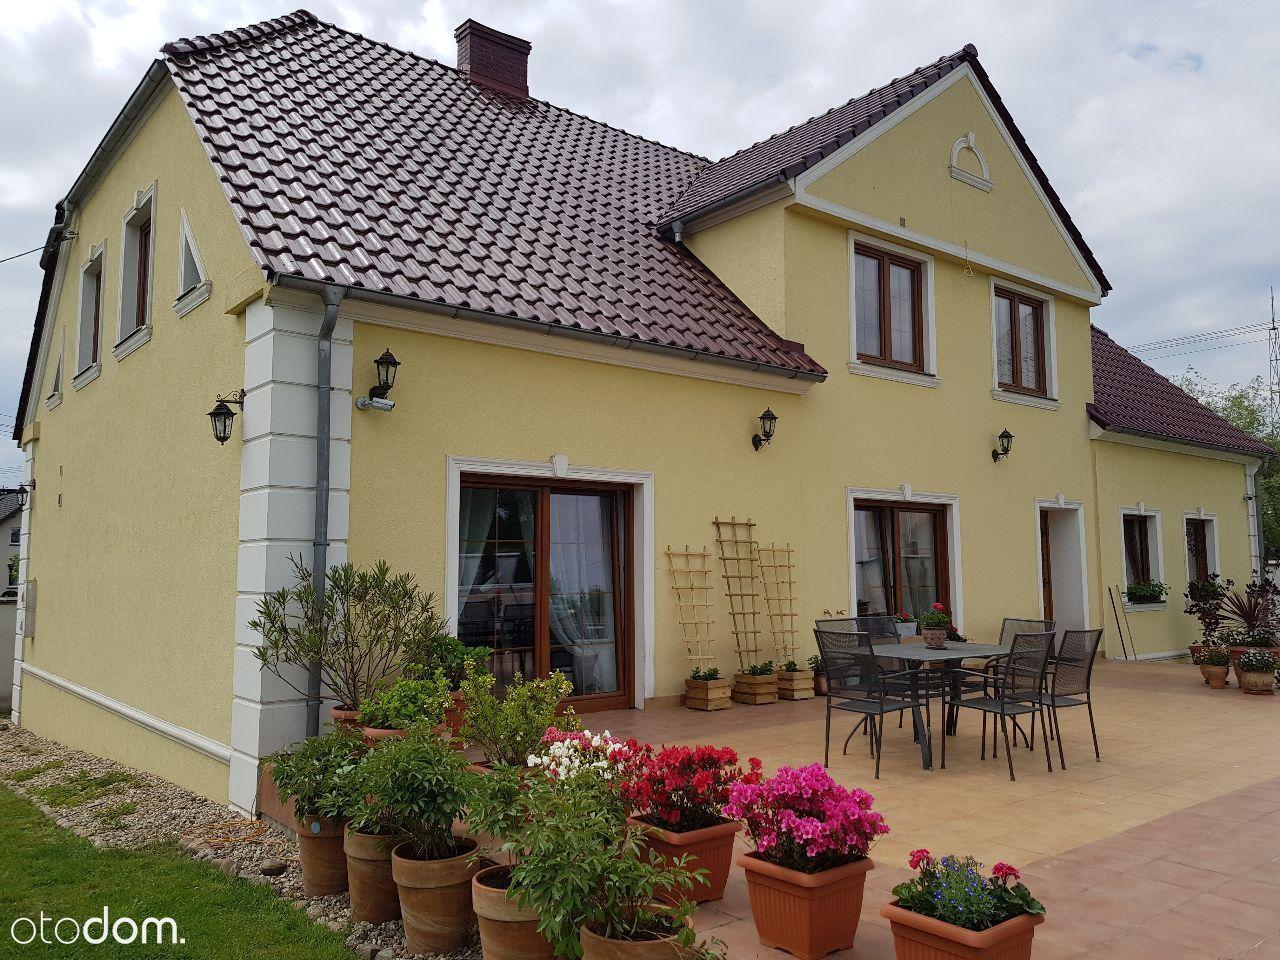 Dom na sprzedaż, Zielona Góra, lubuskie - Foto 7